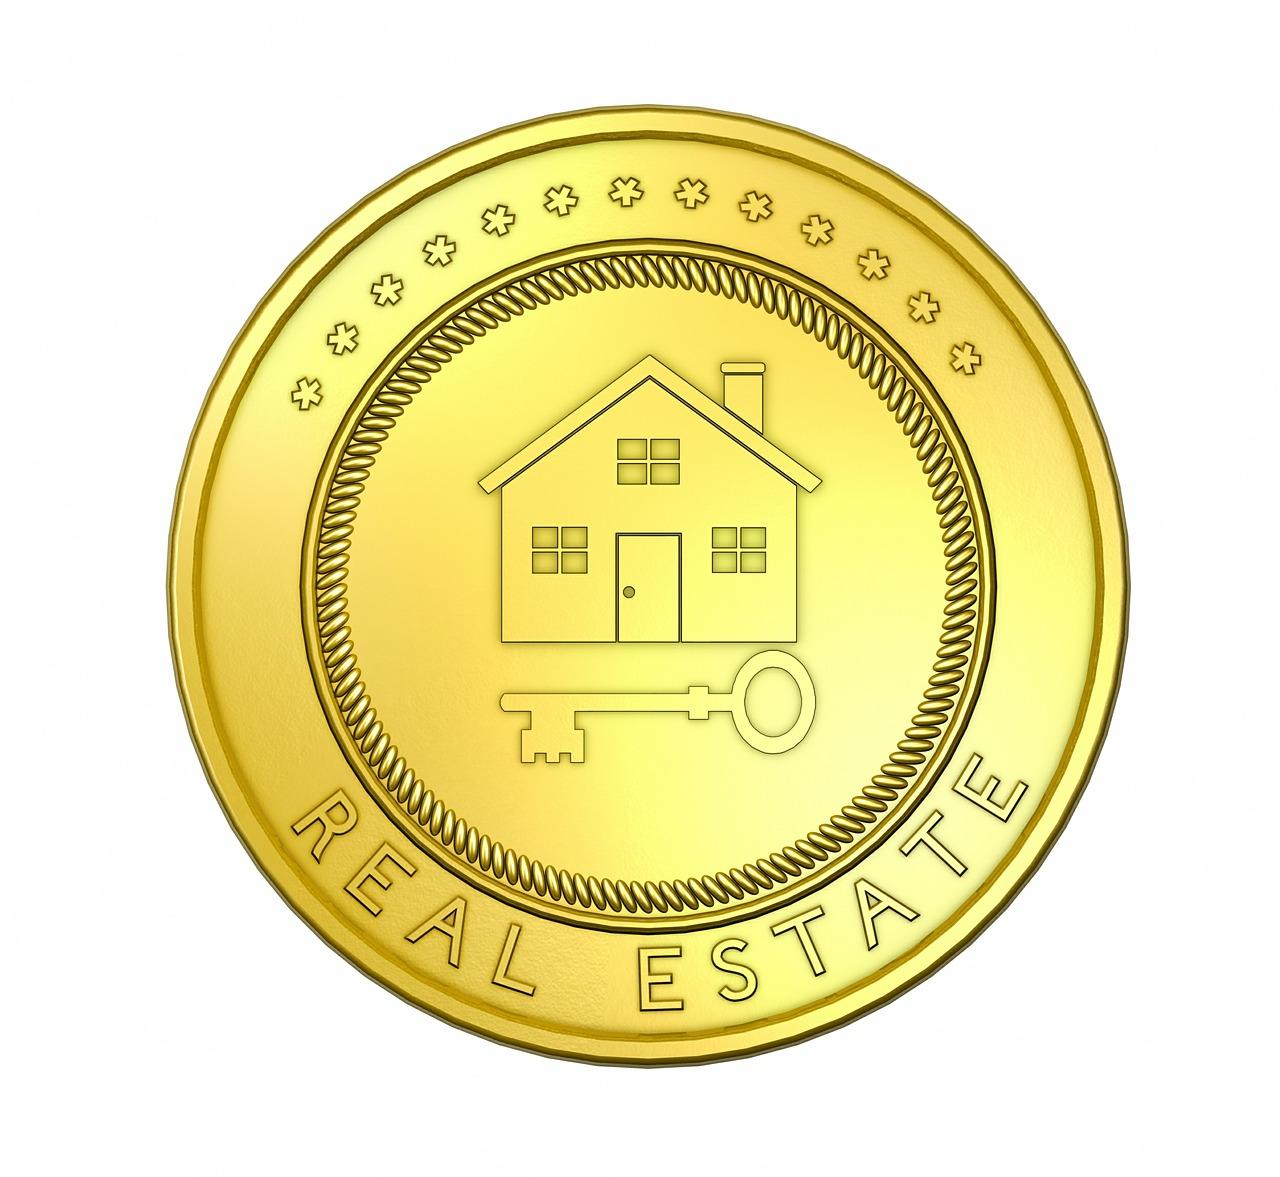 Domek na minci